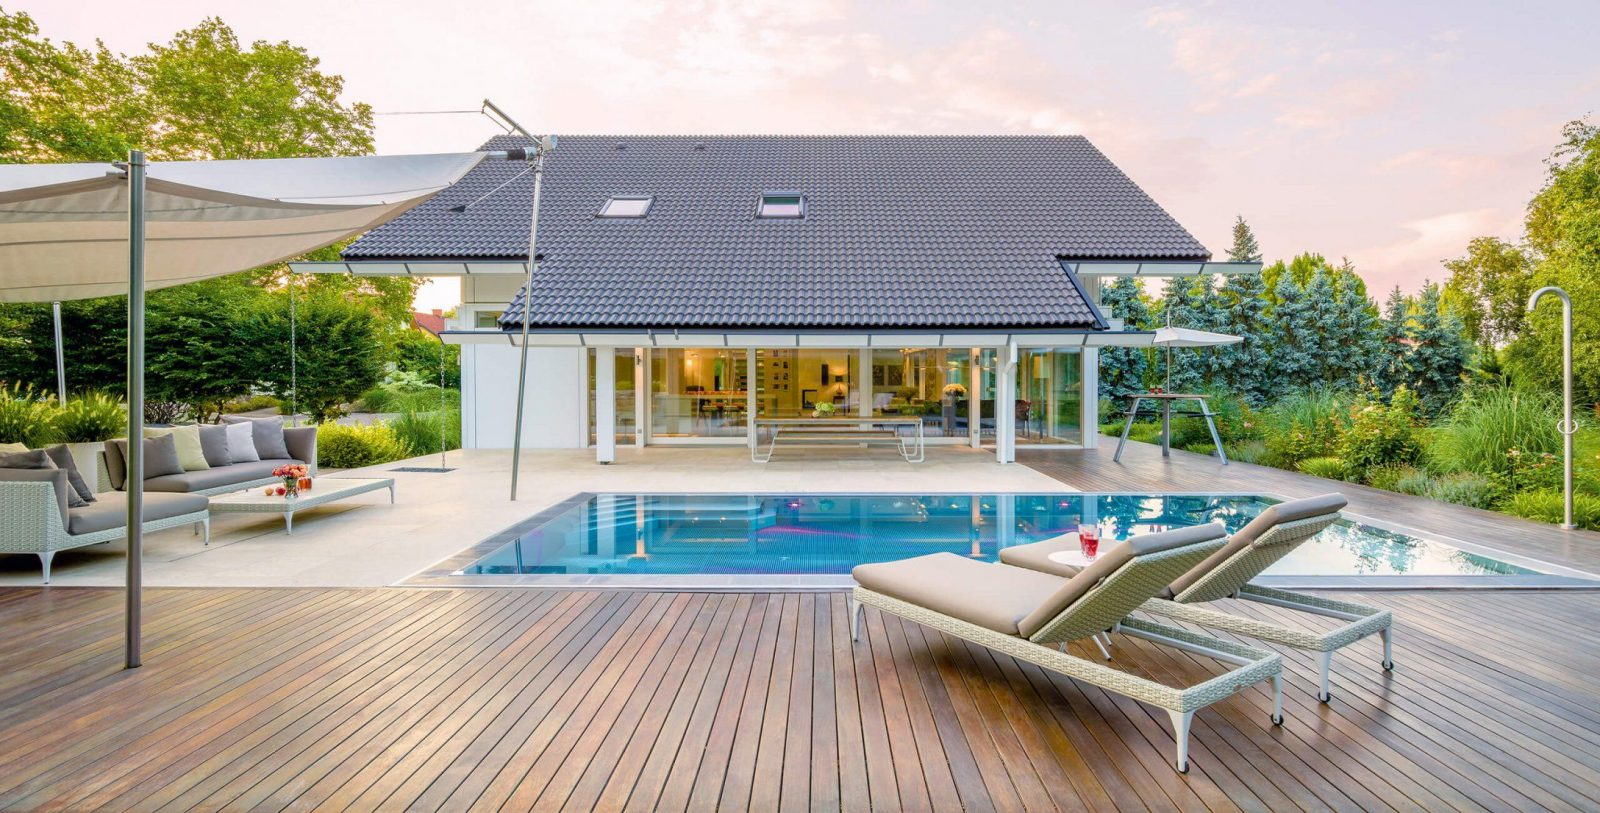 Moderne Fachwerkhäuser Aus Holz Und Glas  Das Original von Wie Plane Ich Ein Haus Bild